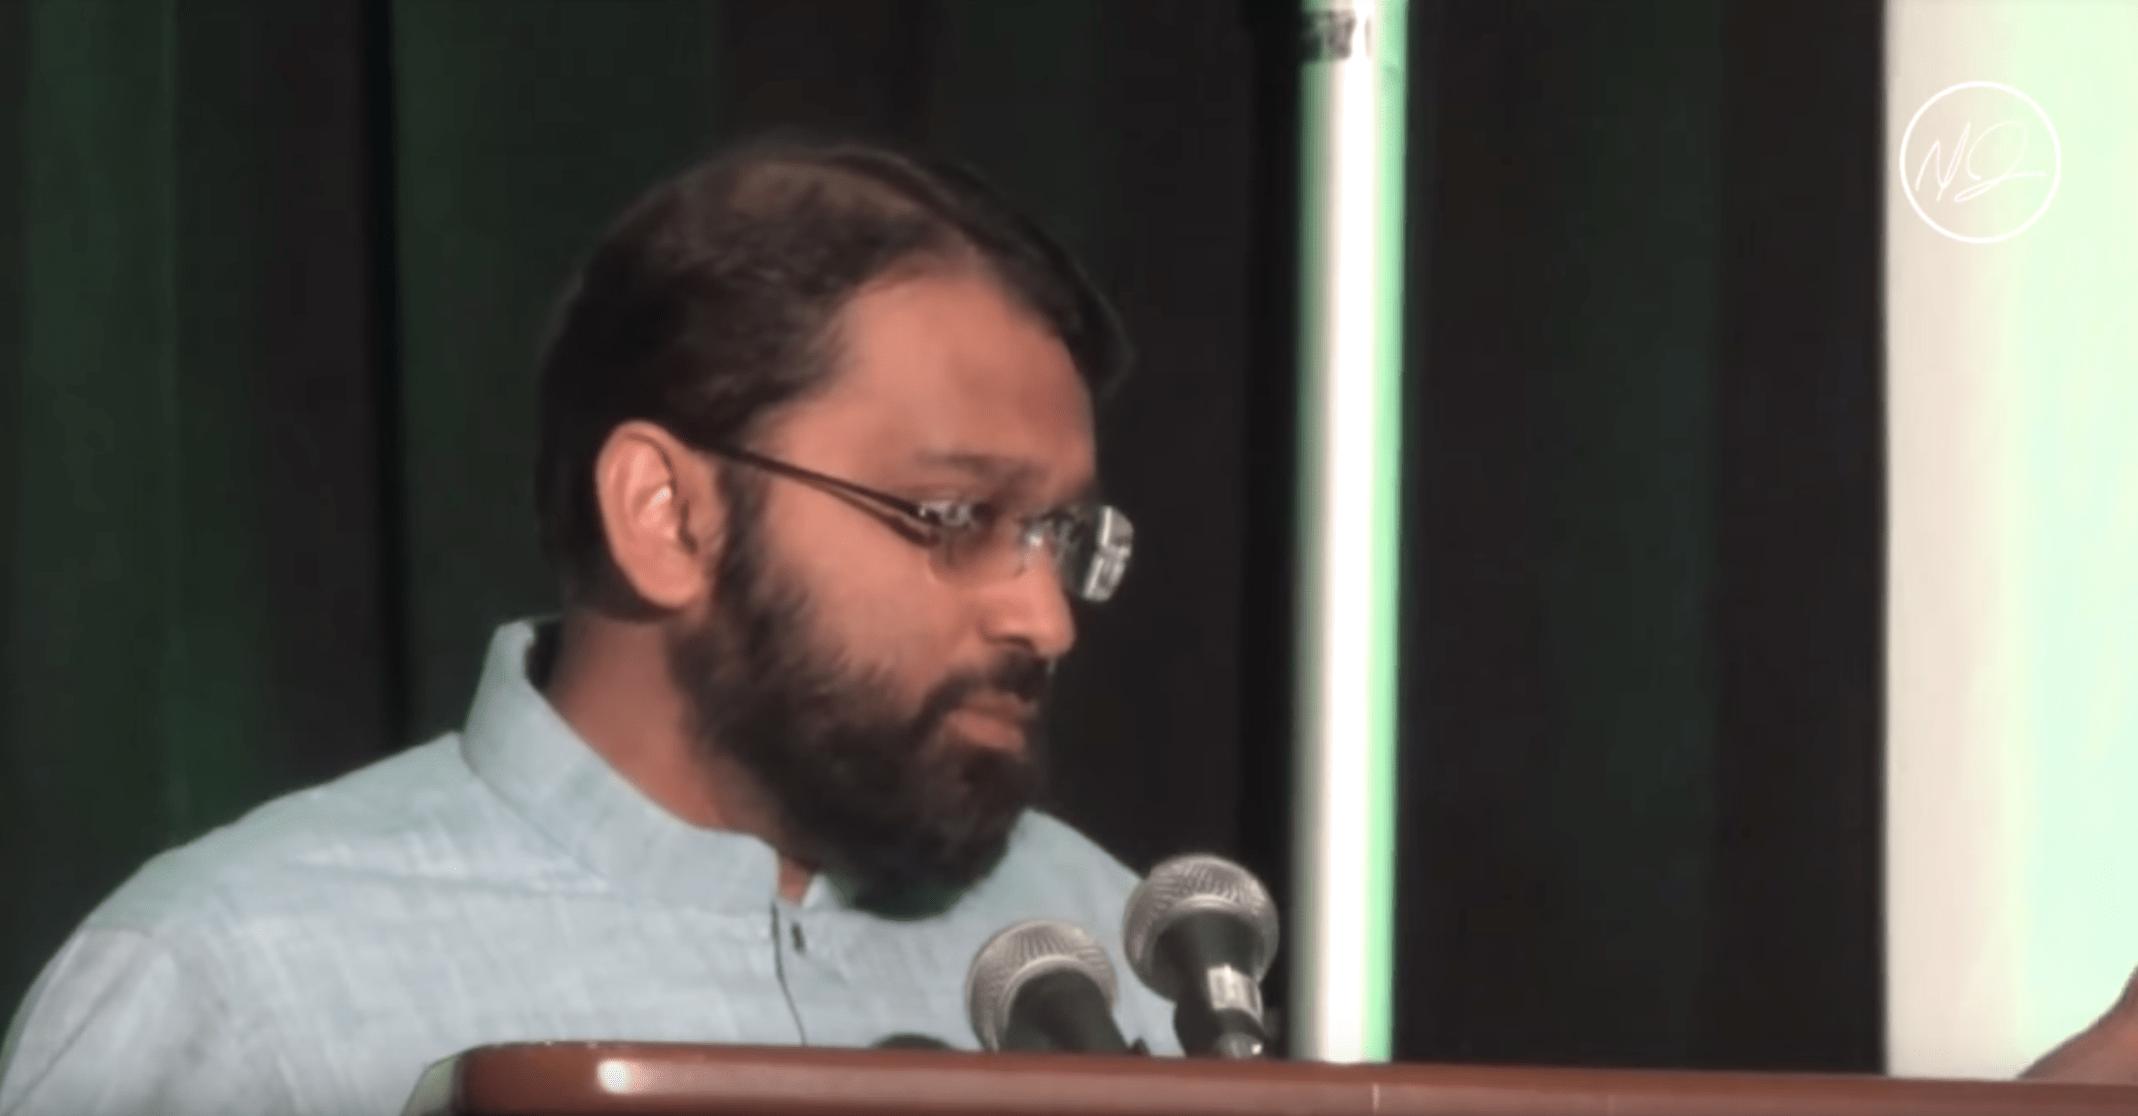 Yasir Qadhi – Shaykh Al Islam Ibn Taymiyyah: An Introduction